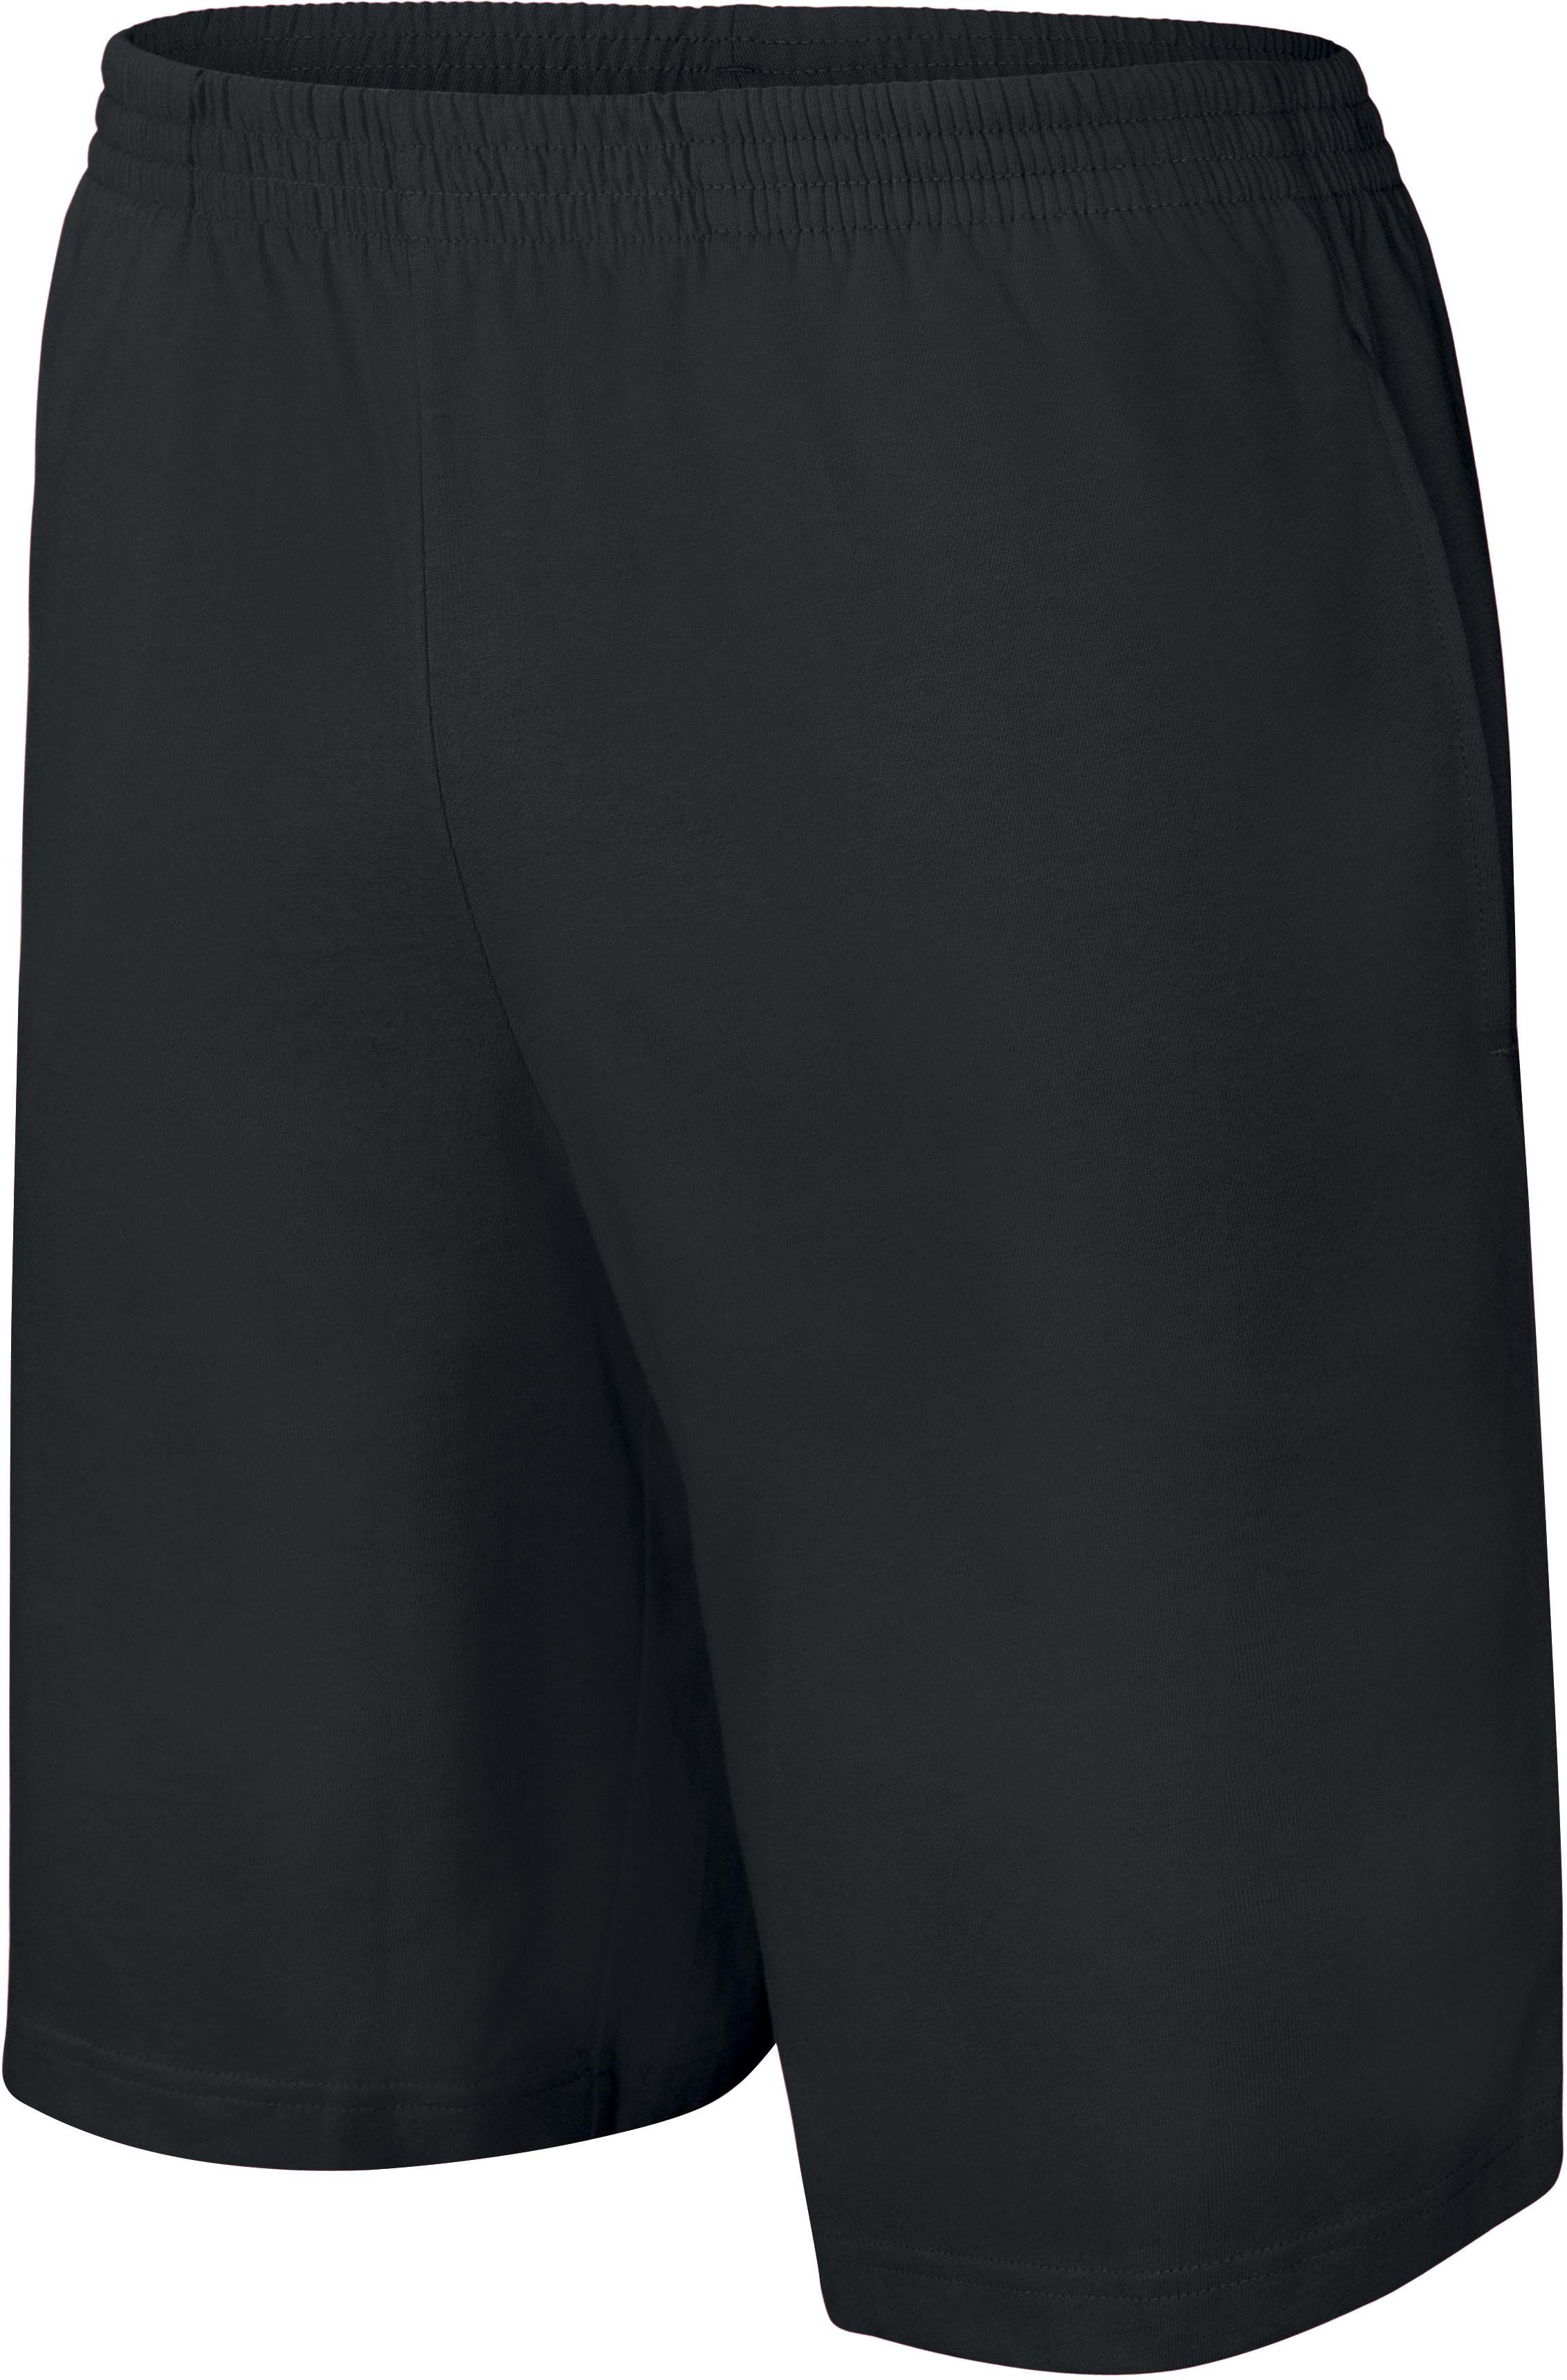 Short jersey sport - 2-1436-9